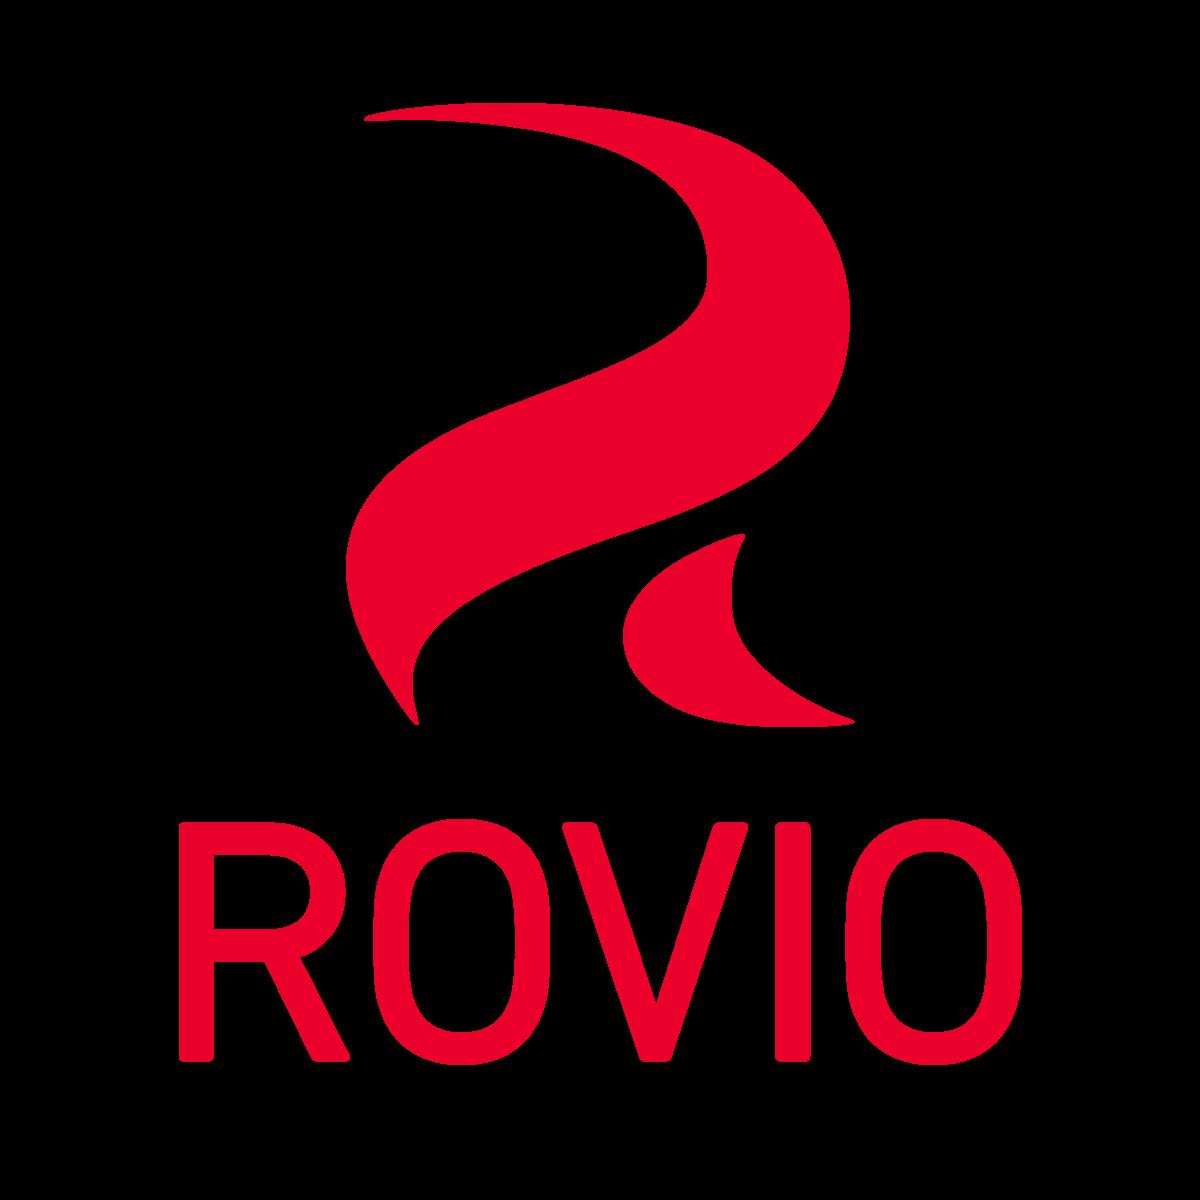 Link to external partner website rovio.com